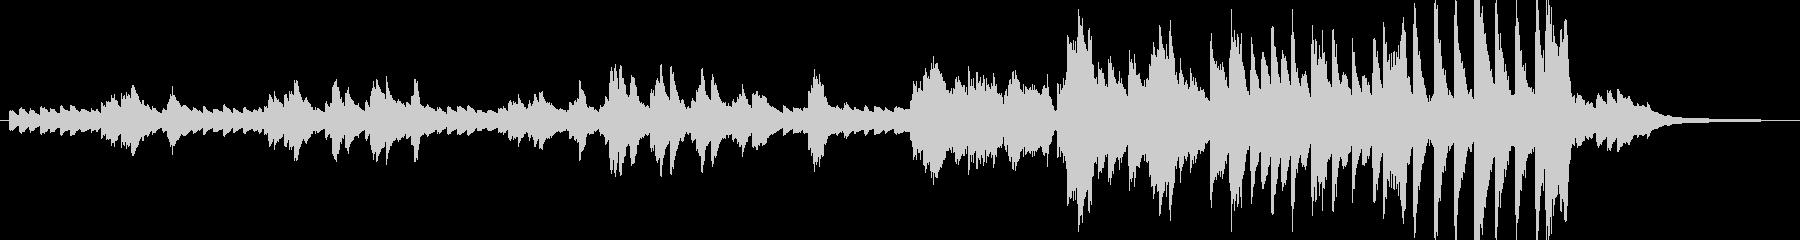 近代フランス風の曲の未再生の波形